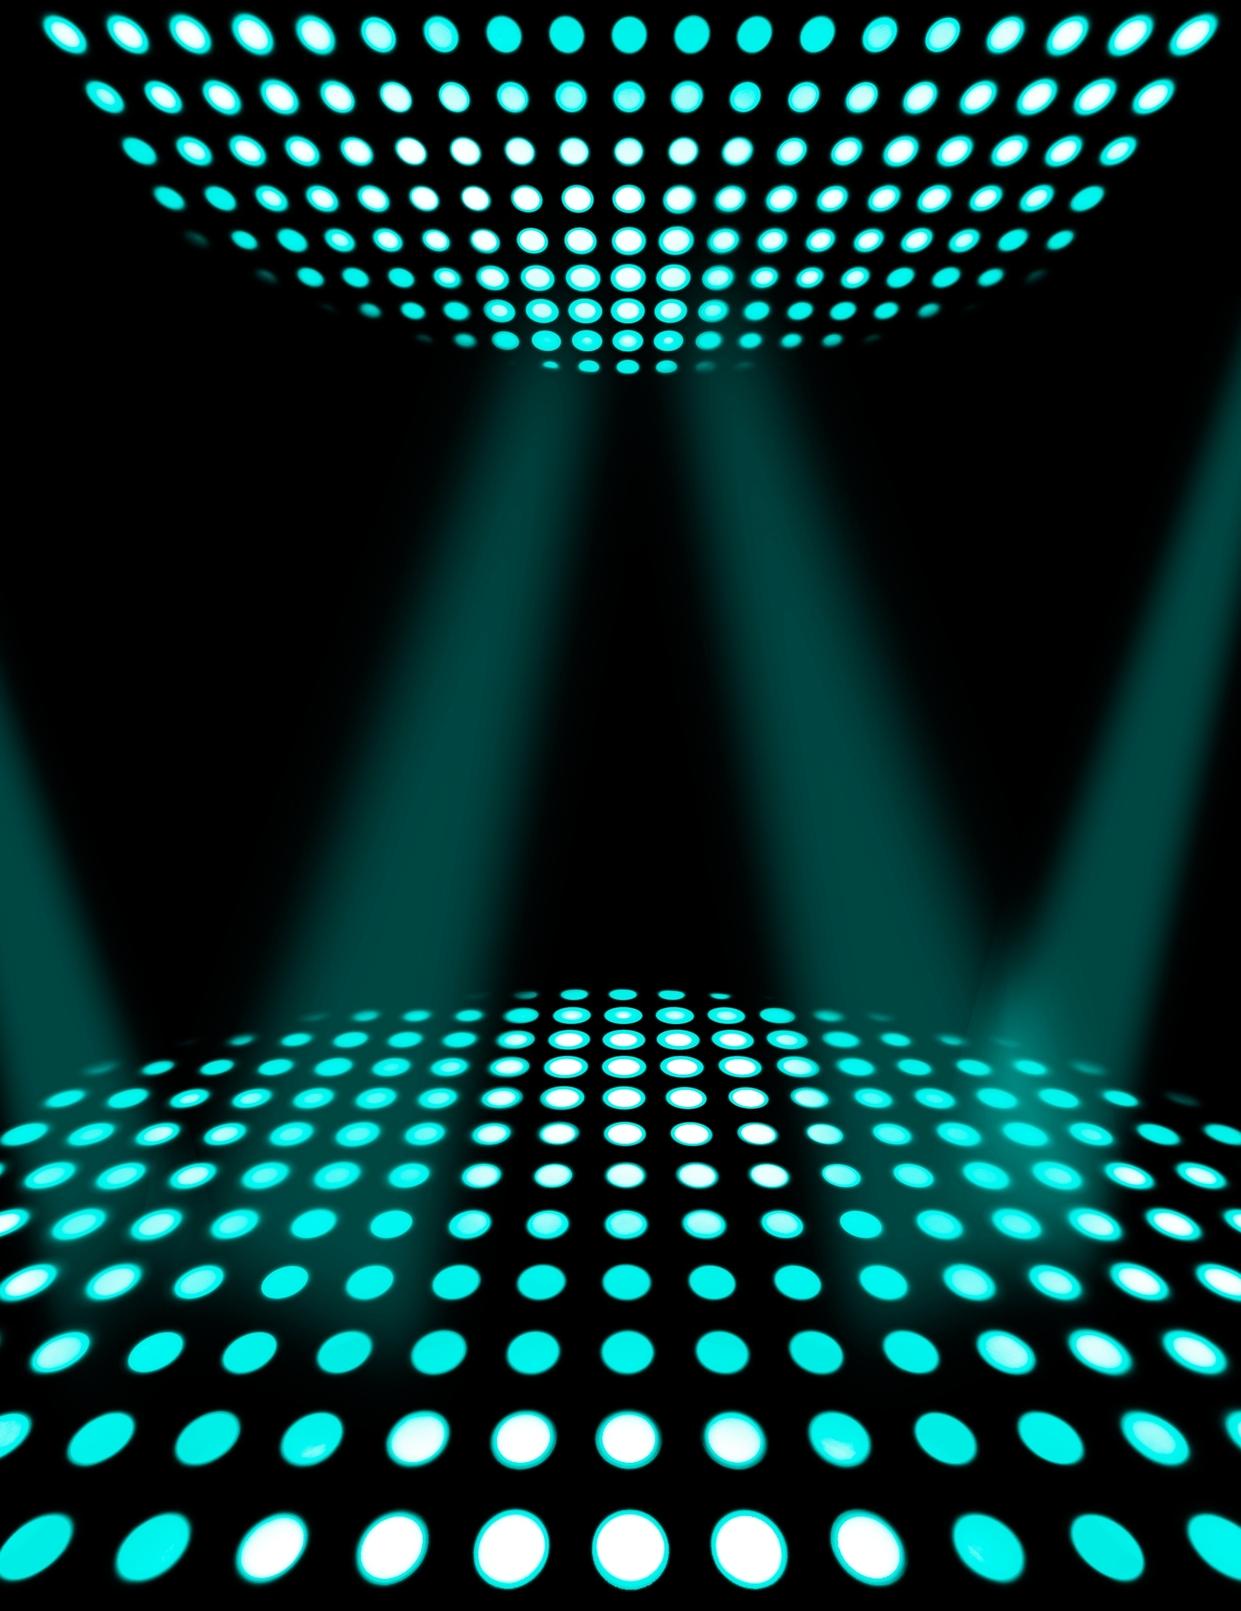 Dance floor disco poster background. Cyan spotlights